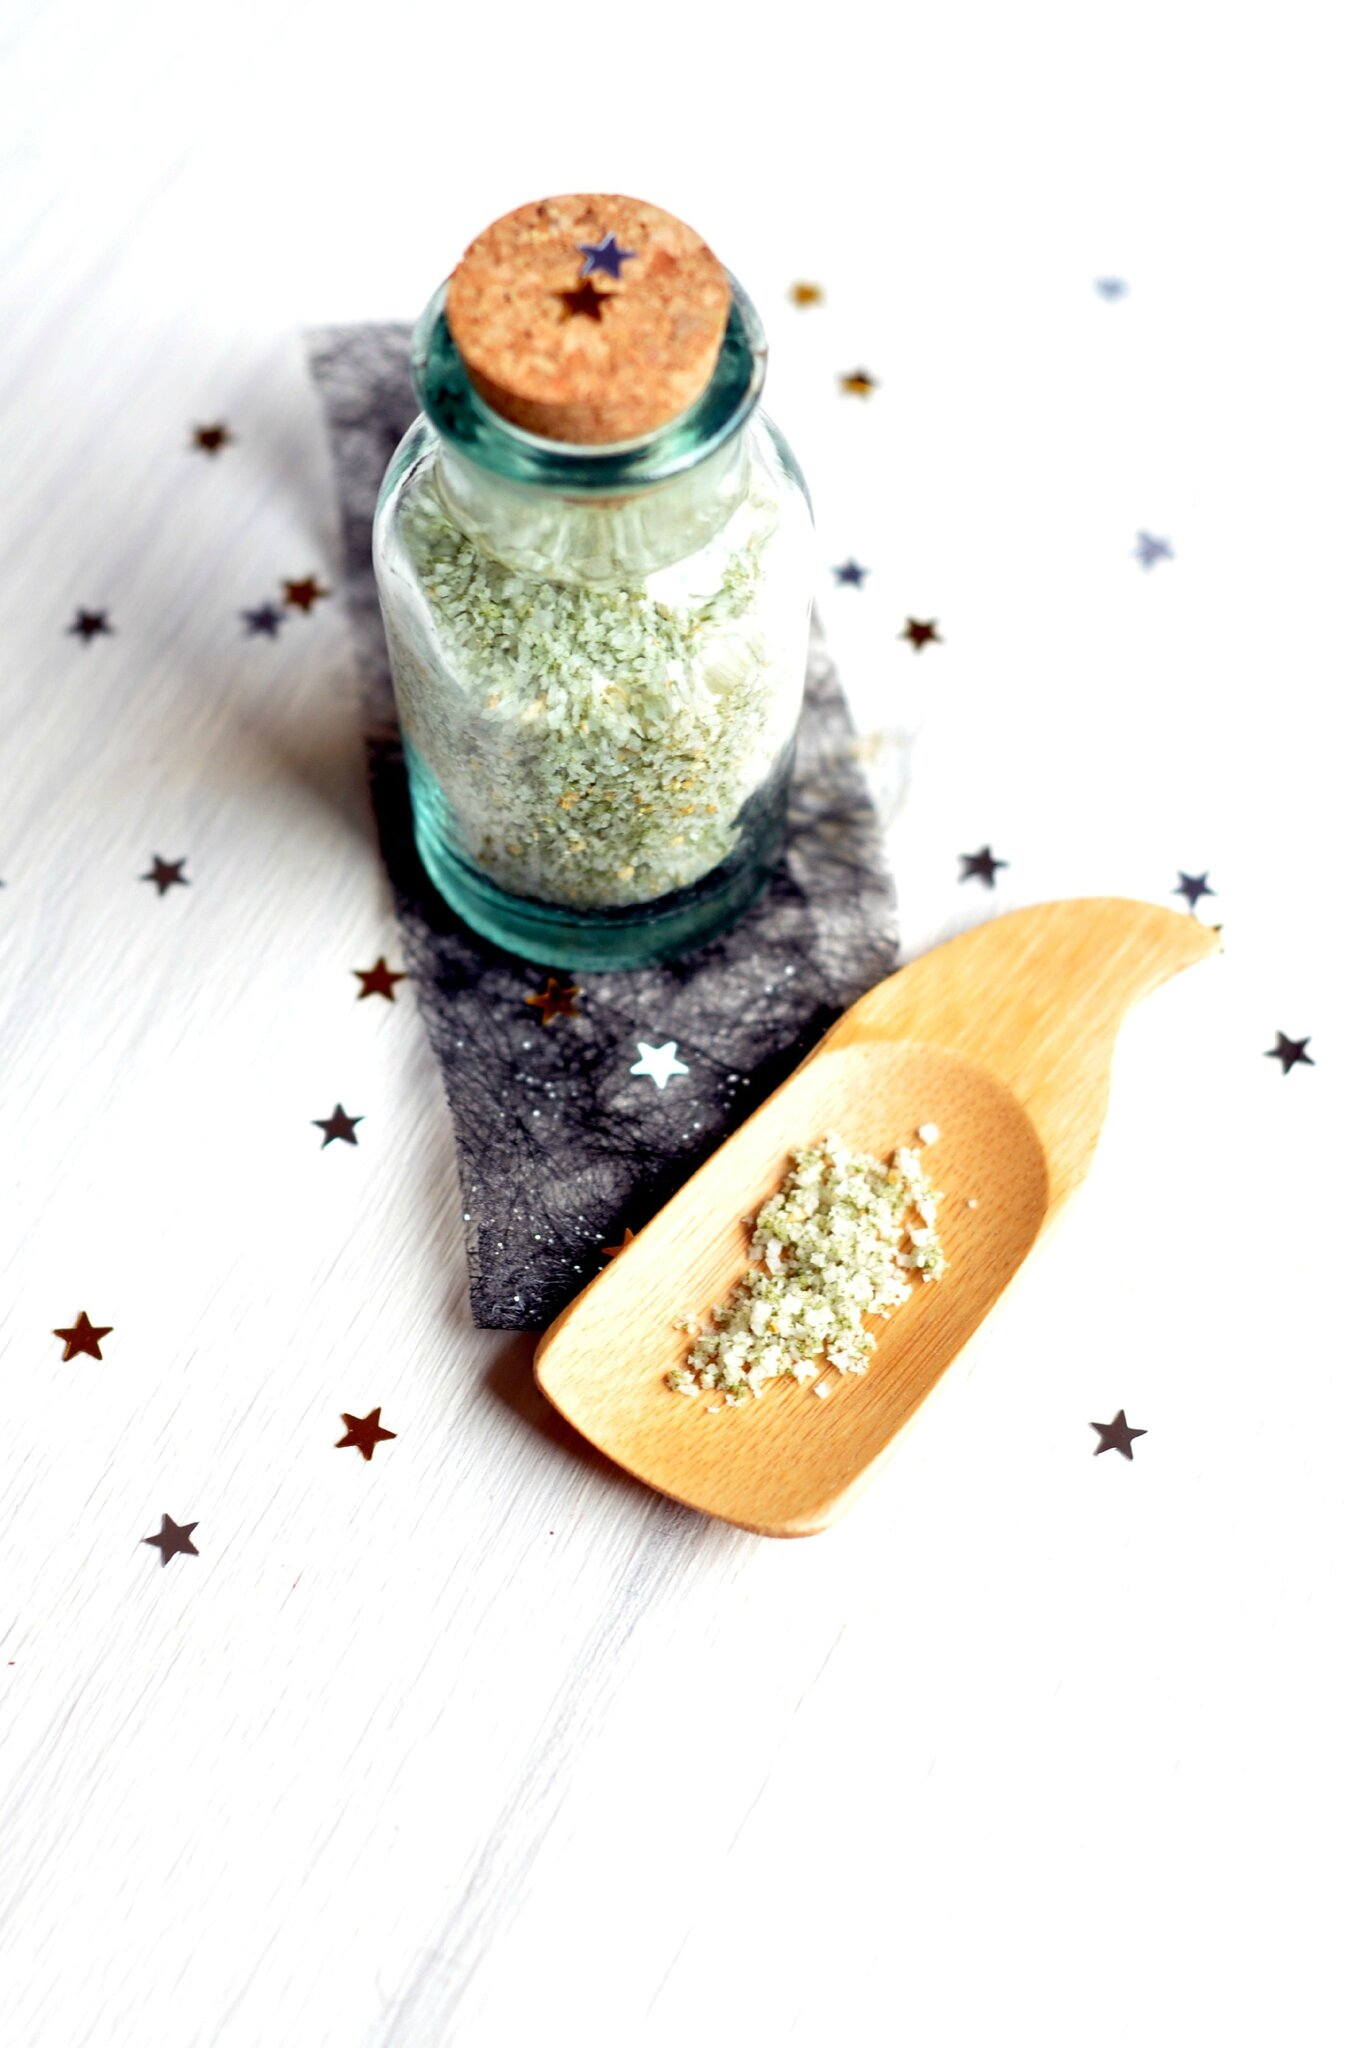 ☆ Calendrier de l'avent : 1 surprise par jour ☆ Jour 7 : Fleur de sel au matcha et au yuzu